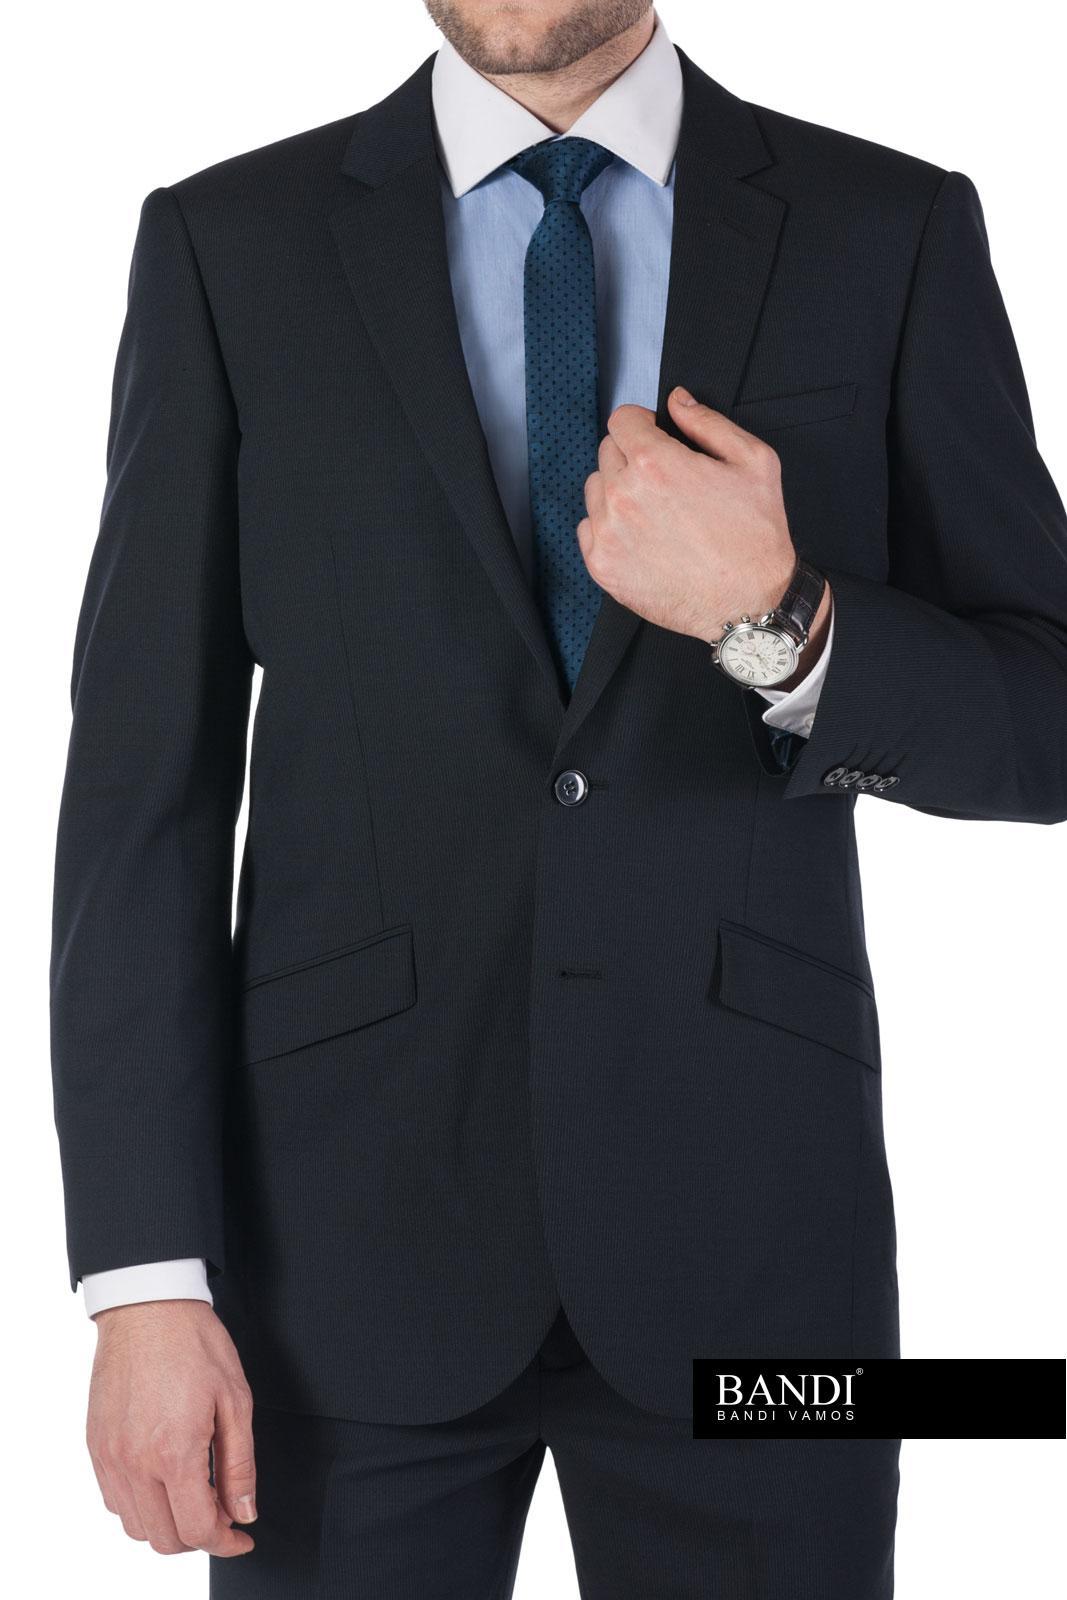 Kravata promění váš outfit – příklad 1